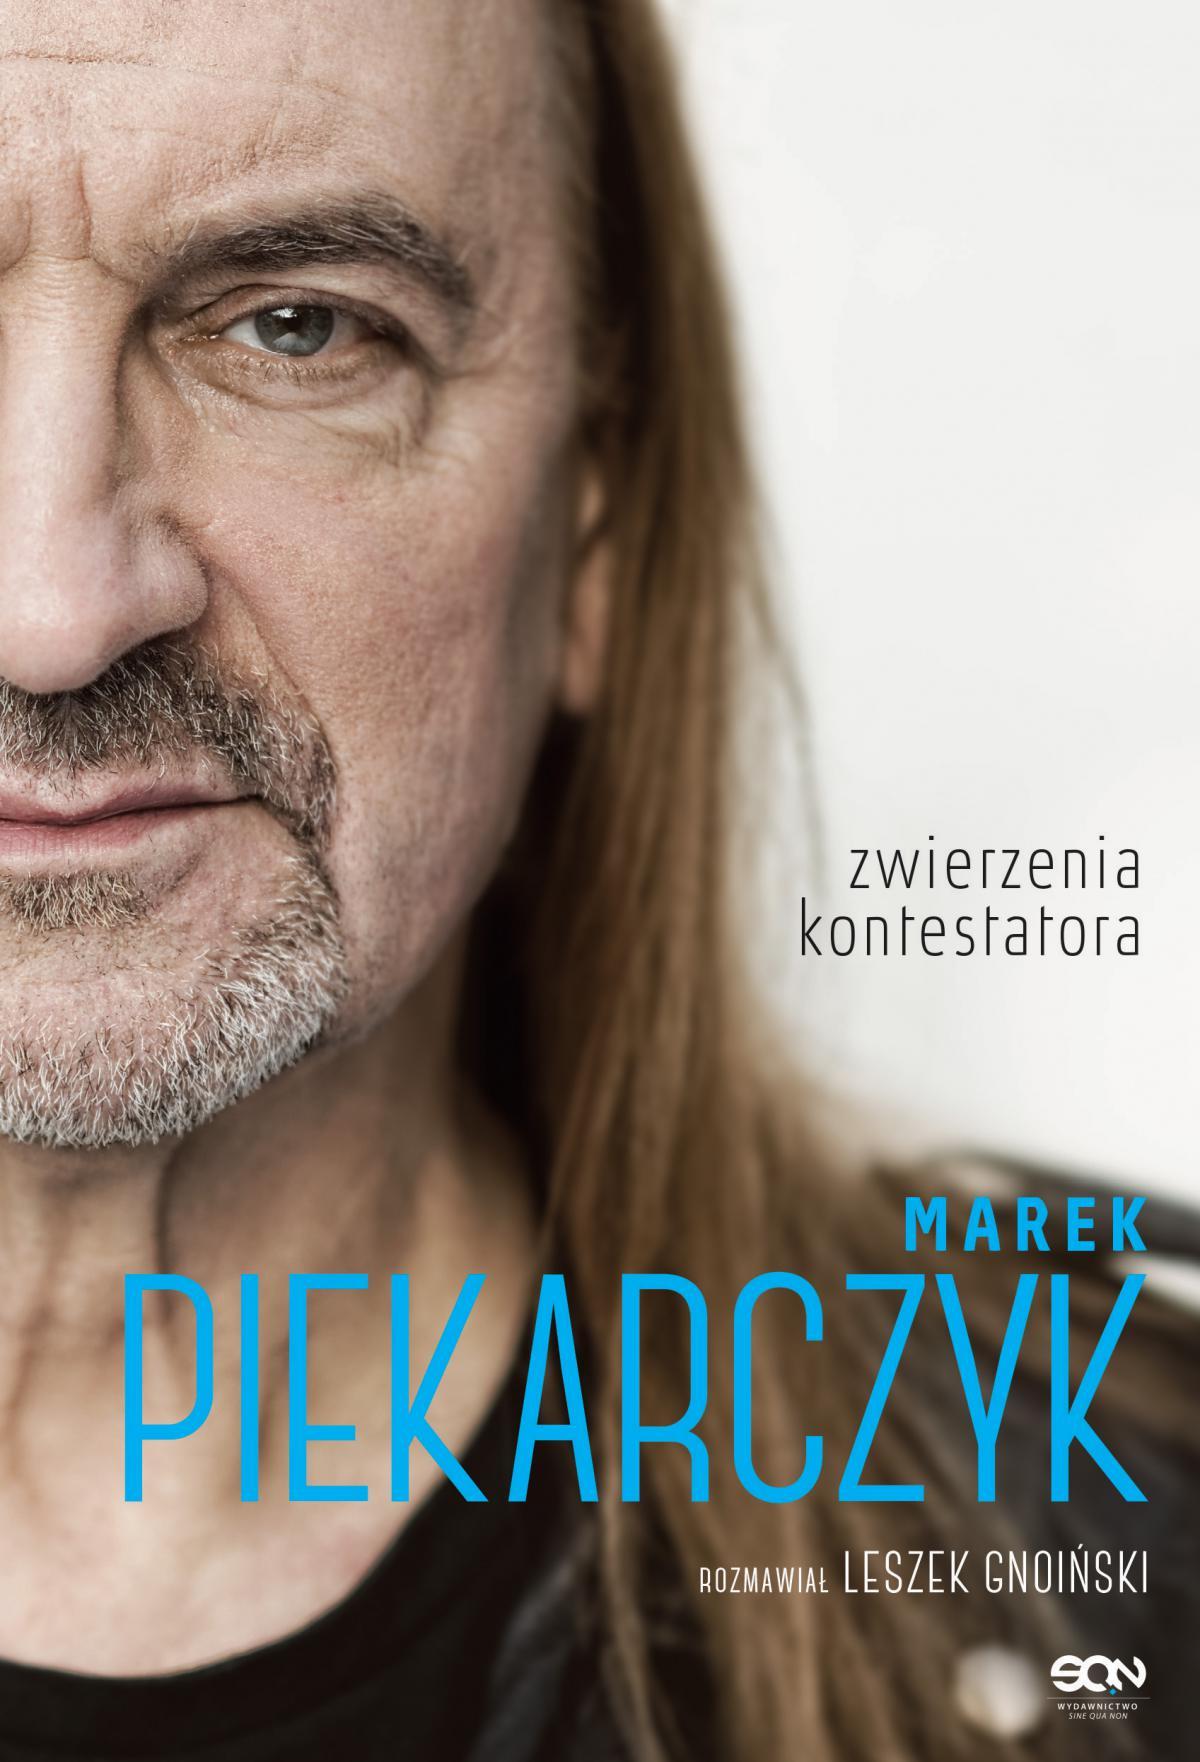 Marek Piekarczyk. Zwierzenia kontestatora - Ebook (Książka EPUB) do pobrania w formacie EPUB